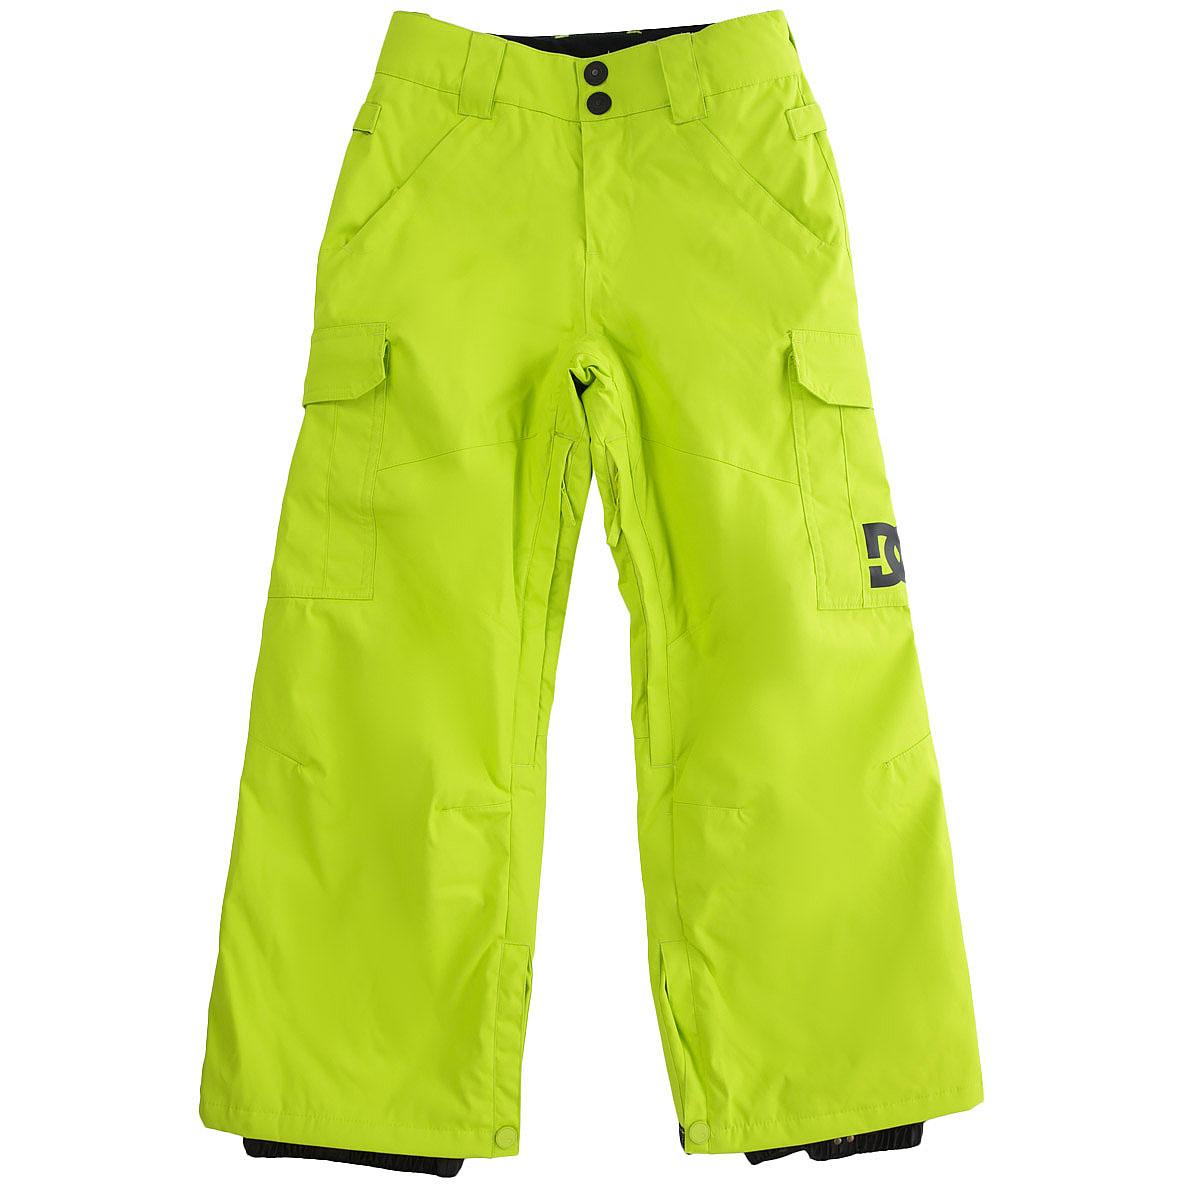 Купить штаны сноубордические детские DC Shoes Banshee Youth Tender Shots  (EDBTP03006-GHA0) в интернет-магазине Proskater.by d208ef2a3c3